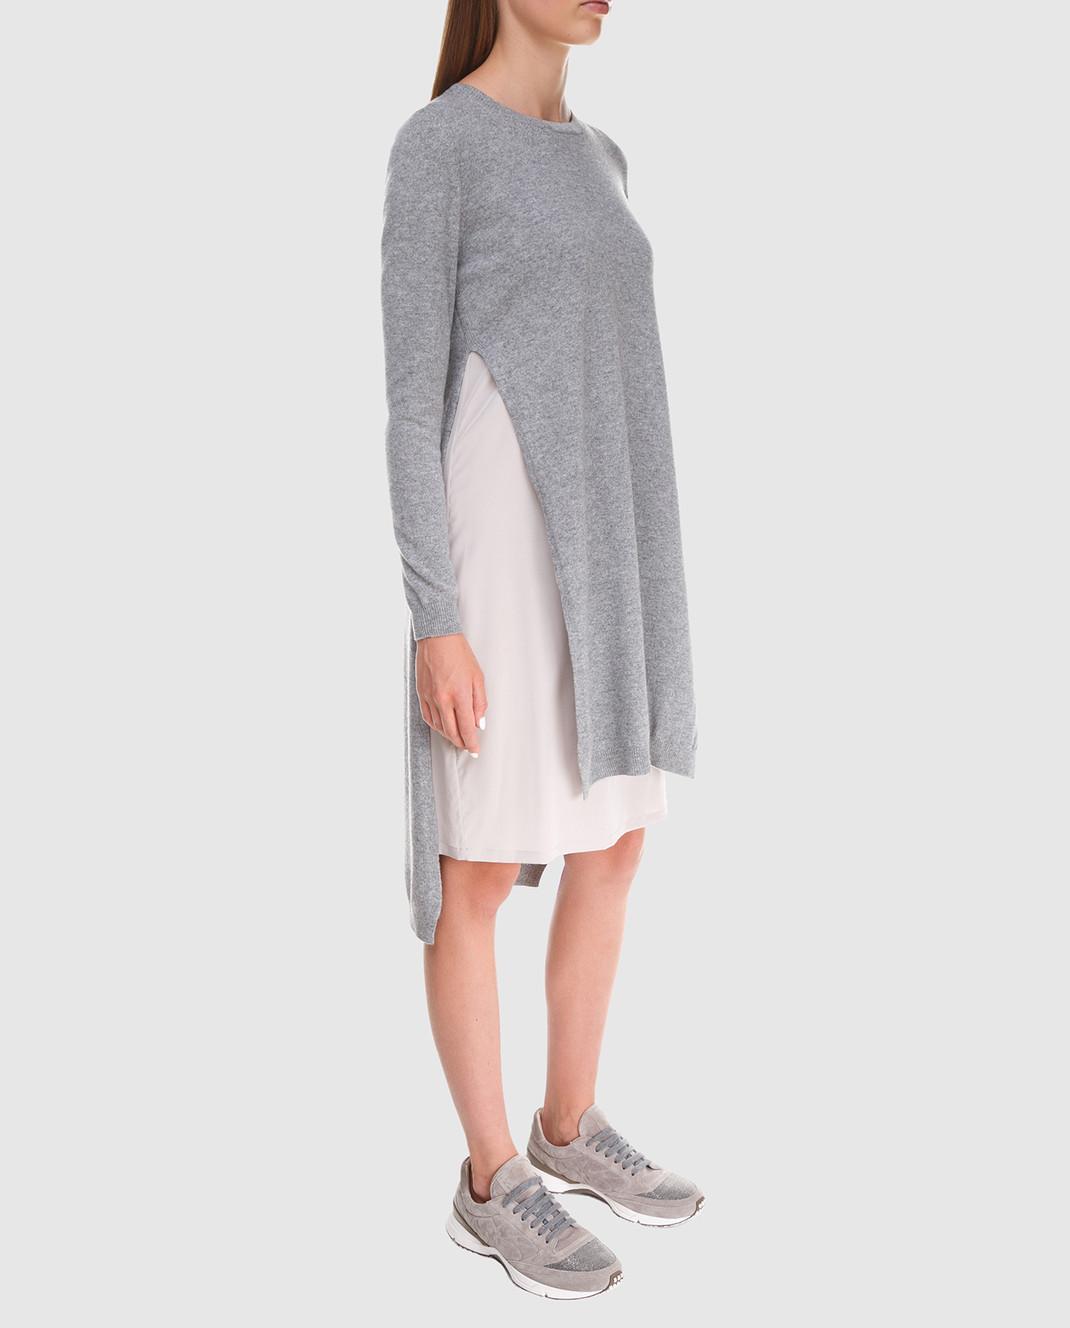 Peserico Серое платье из шерсти S82017F12U9018 изображение 2